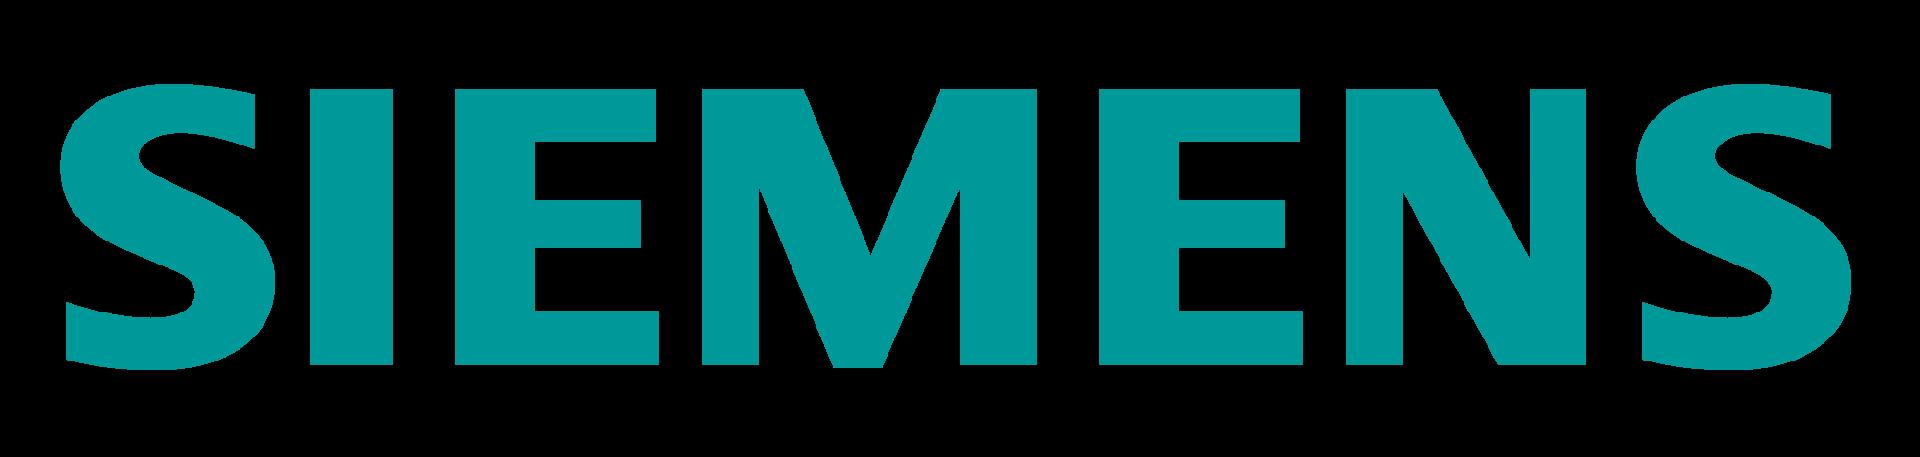 siemens-logo-svg